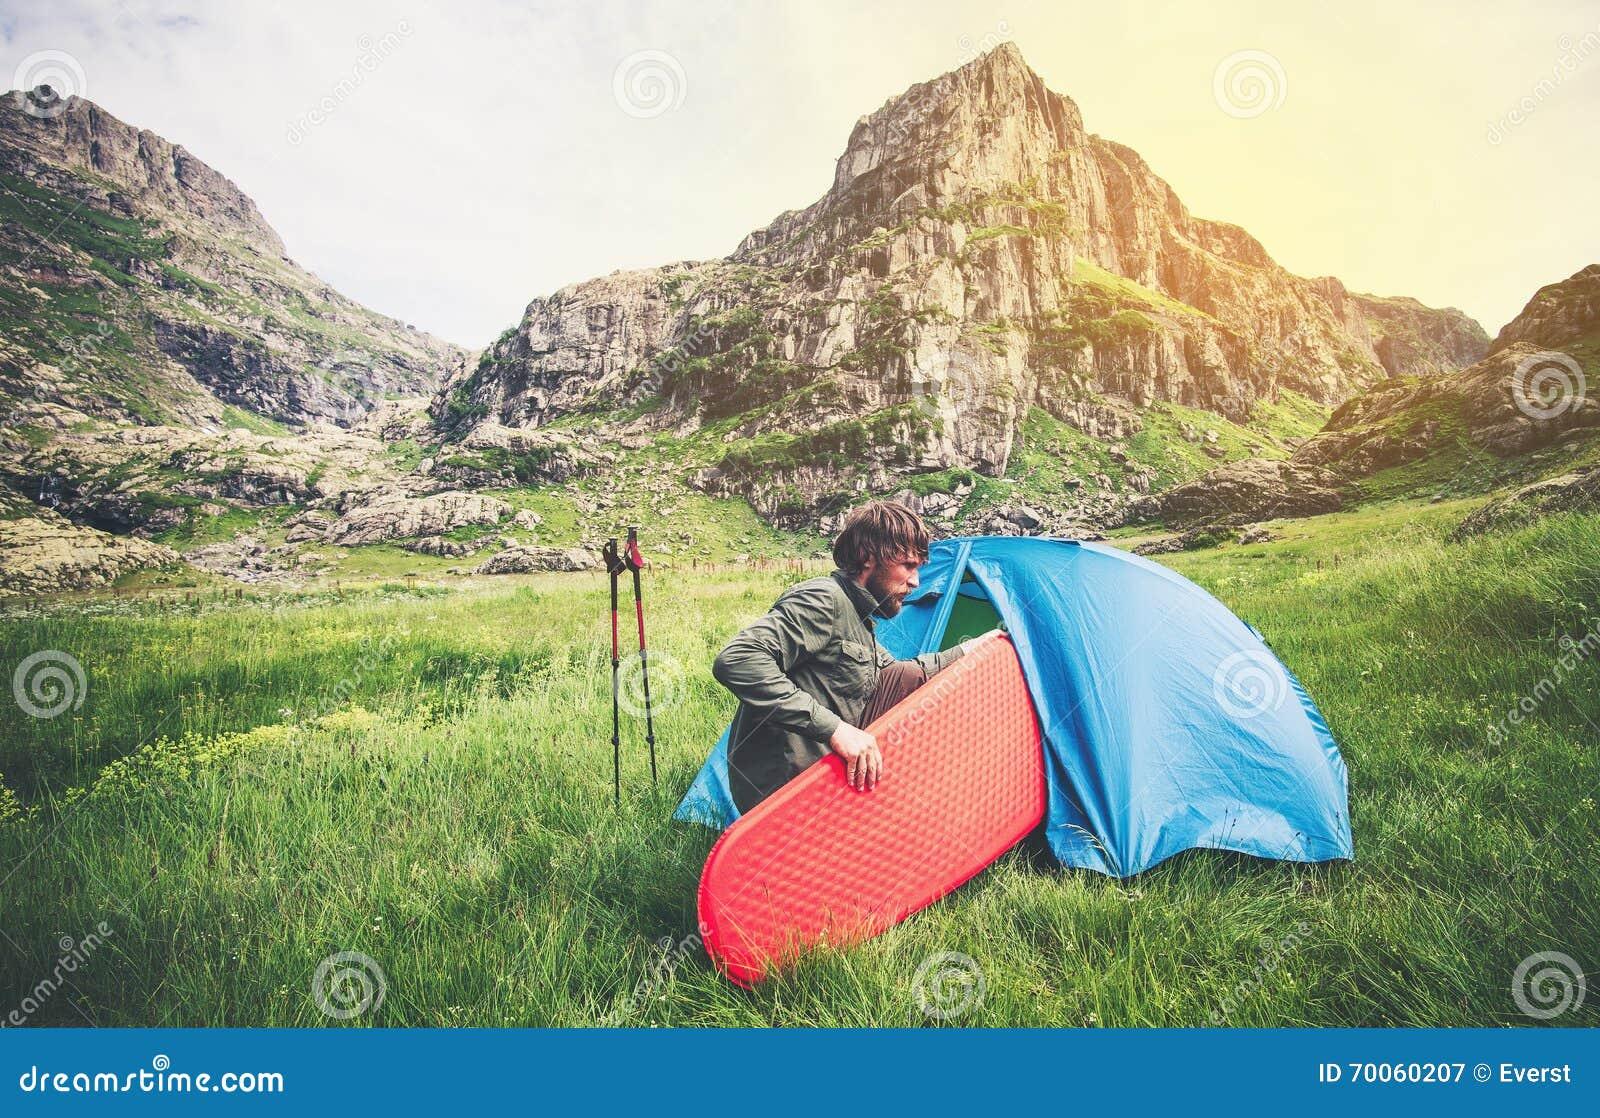 Bemannen Sie Reisenden mit kampierendem Ausrüstungsmatratze und -zelt Reise-Lebensstil im Freien